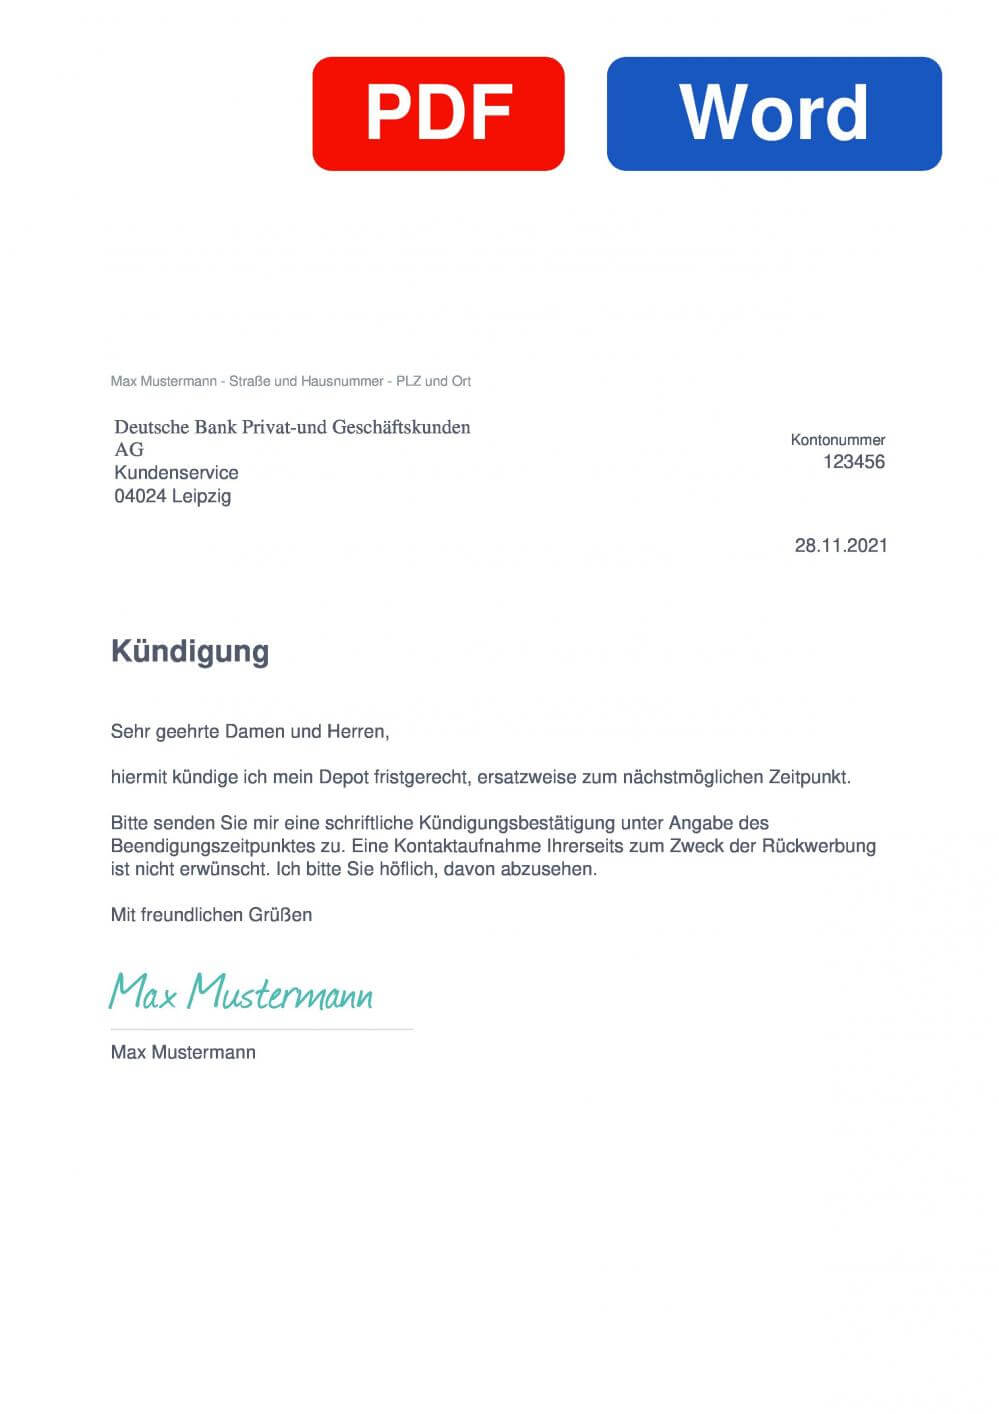 Deutsche Bank Depot Muster Vorlage für Kündigungsschreiben